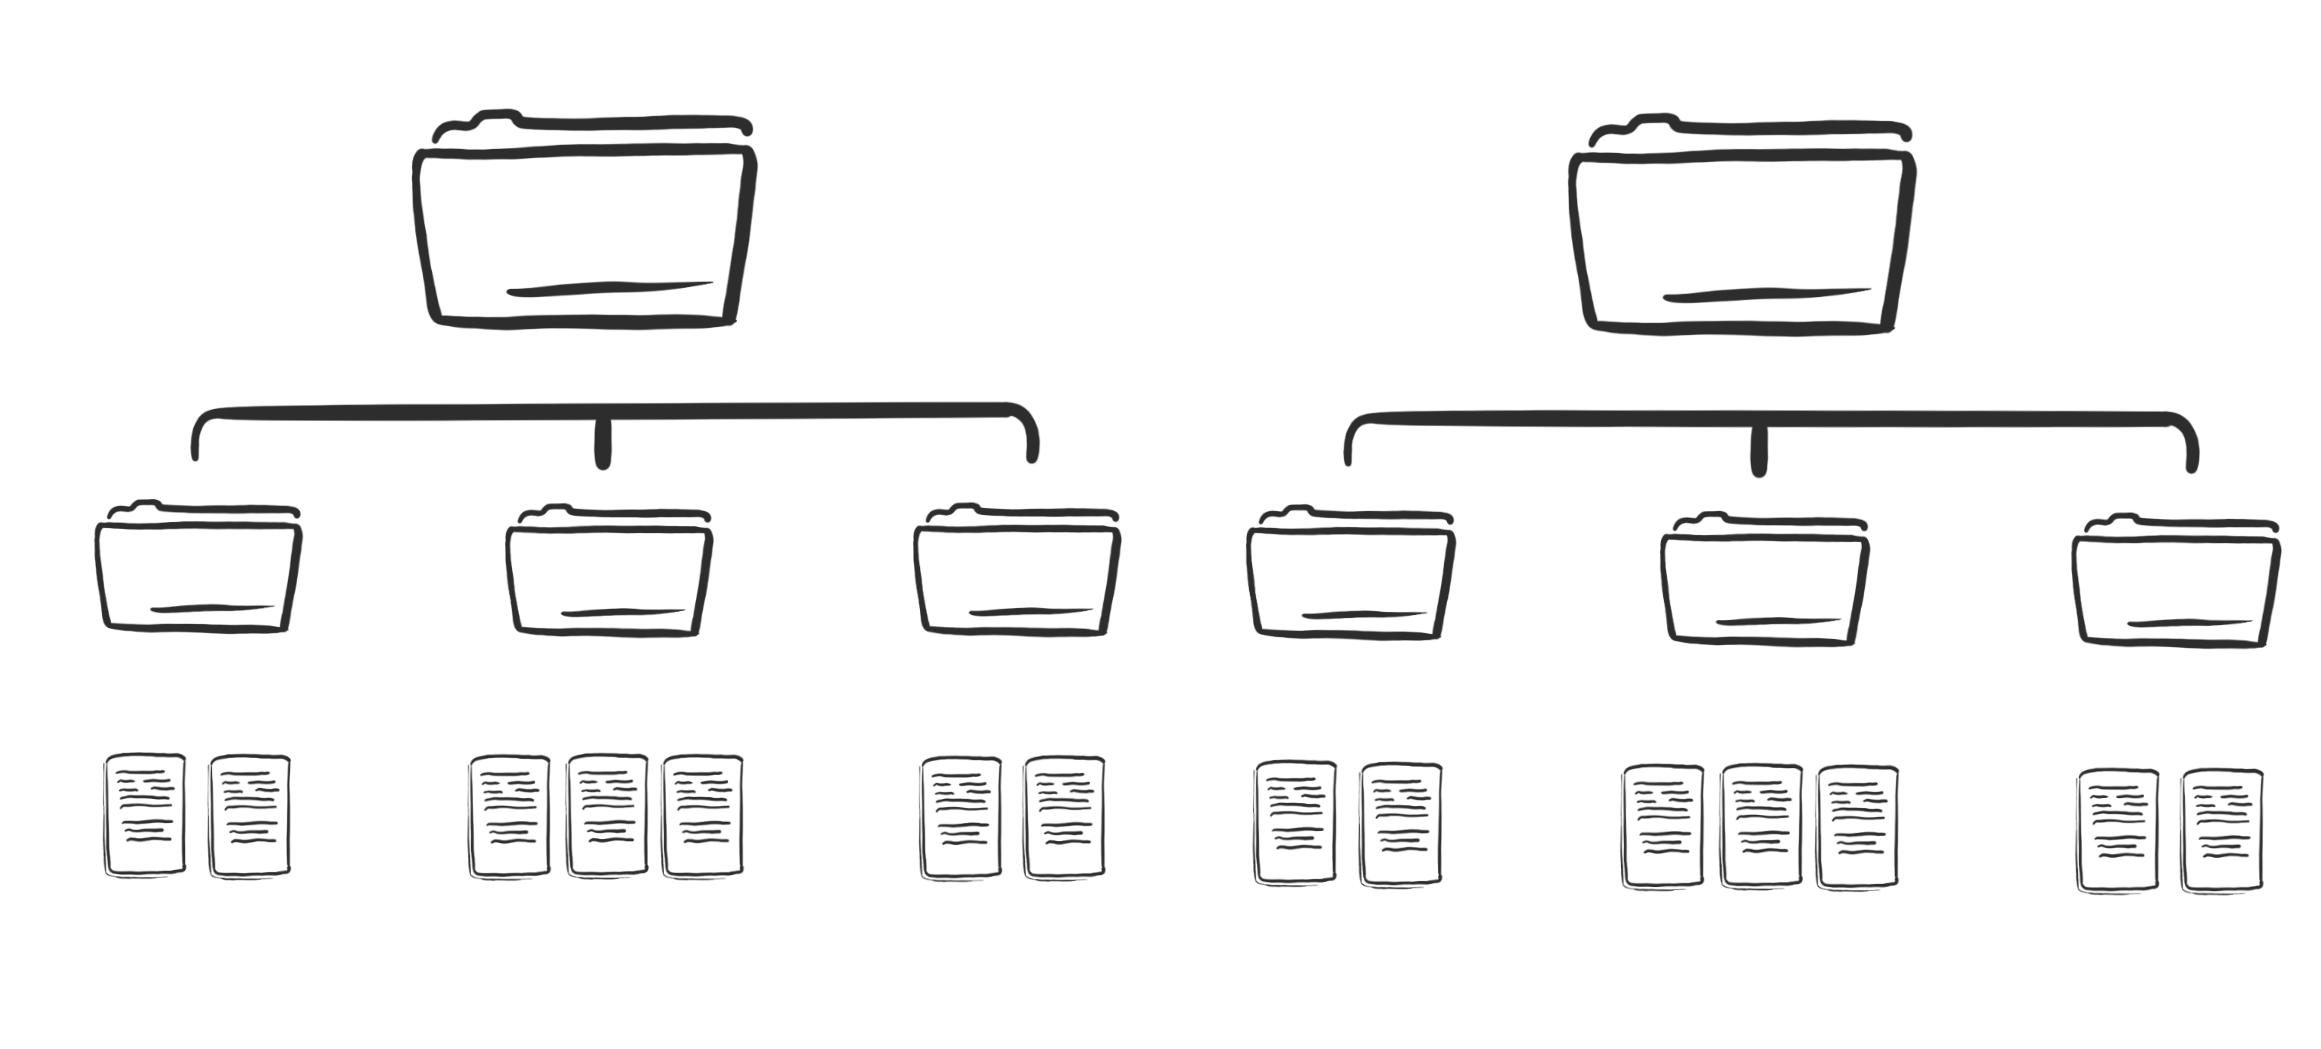 Exemple d'utilisation d'un mode structuré